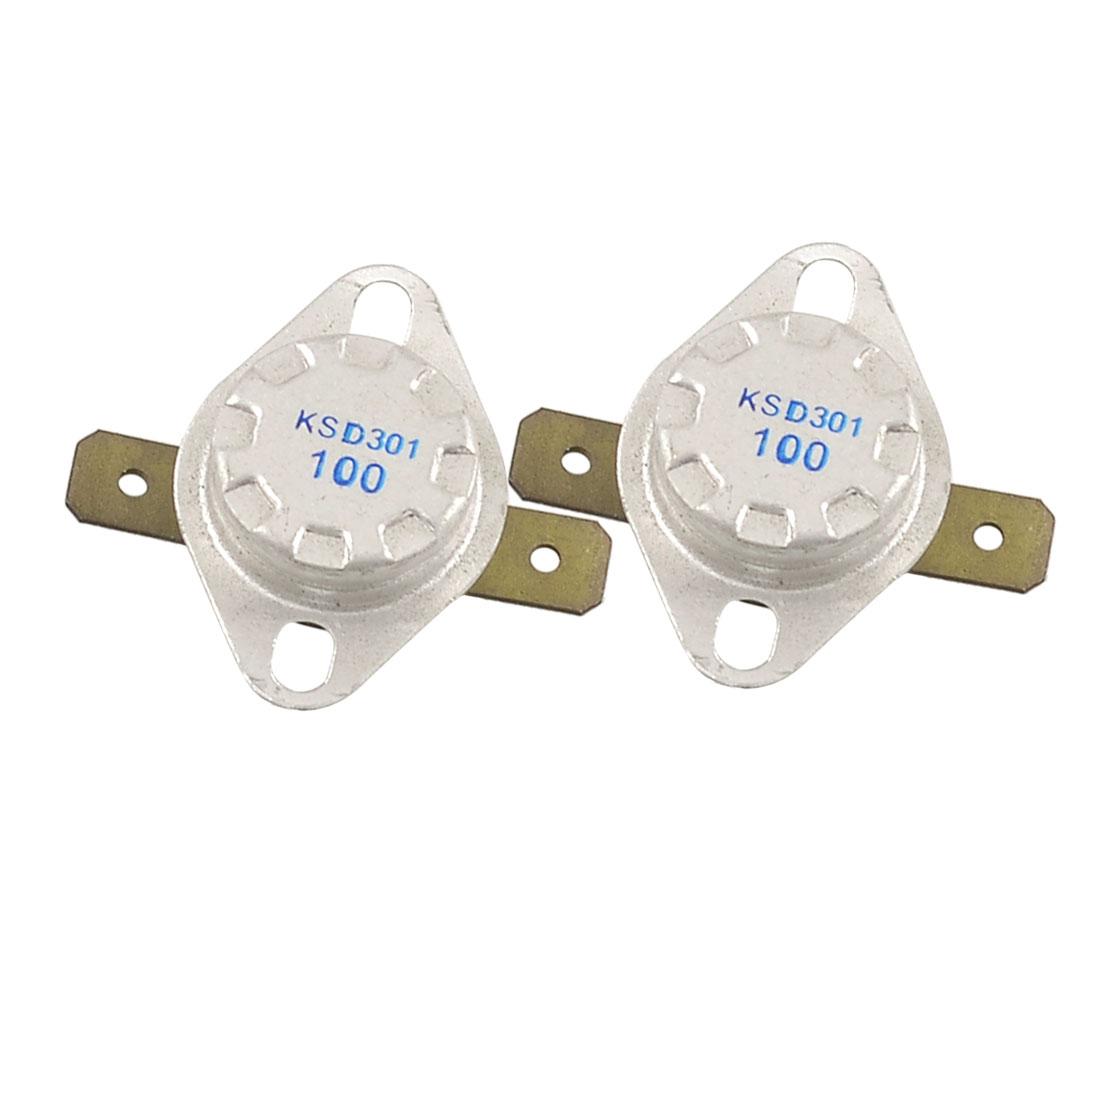 2 Pcs 100C Normal Closed Temperature Controlled Ceramic Thermostat KSD301